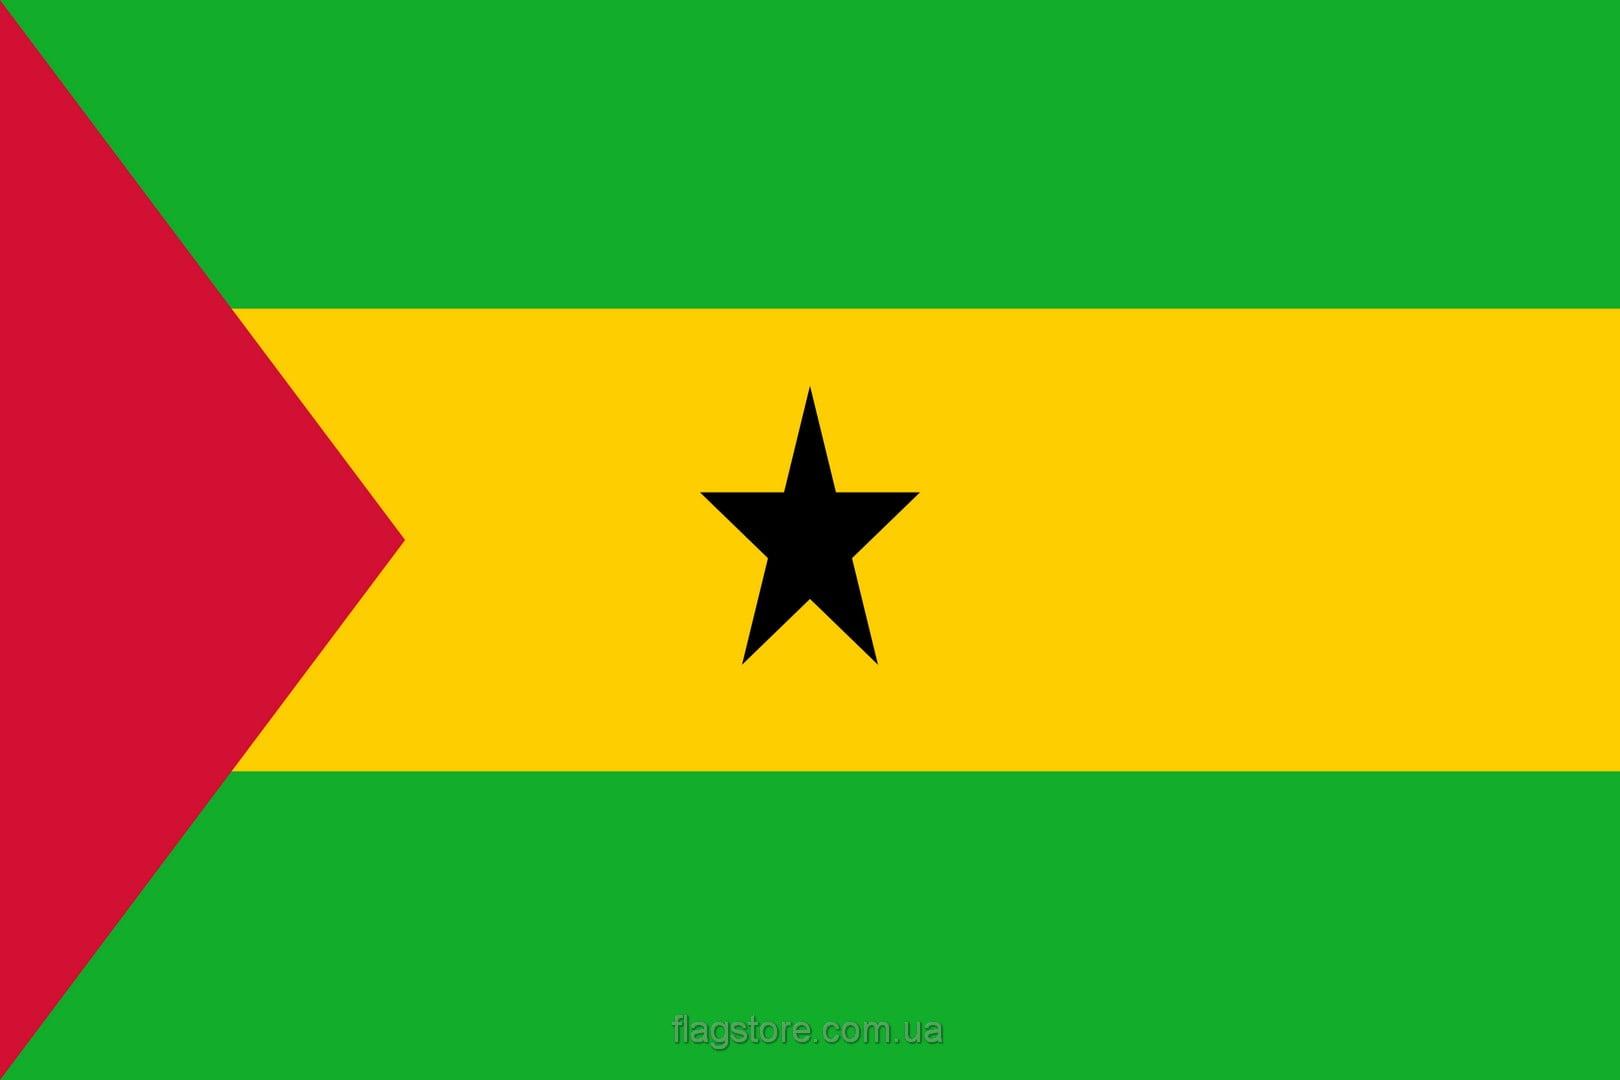 Купить флаг страны Сан-Томе и Принсипи